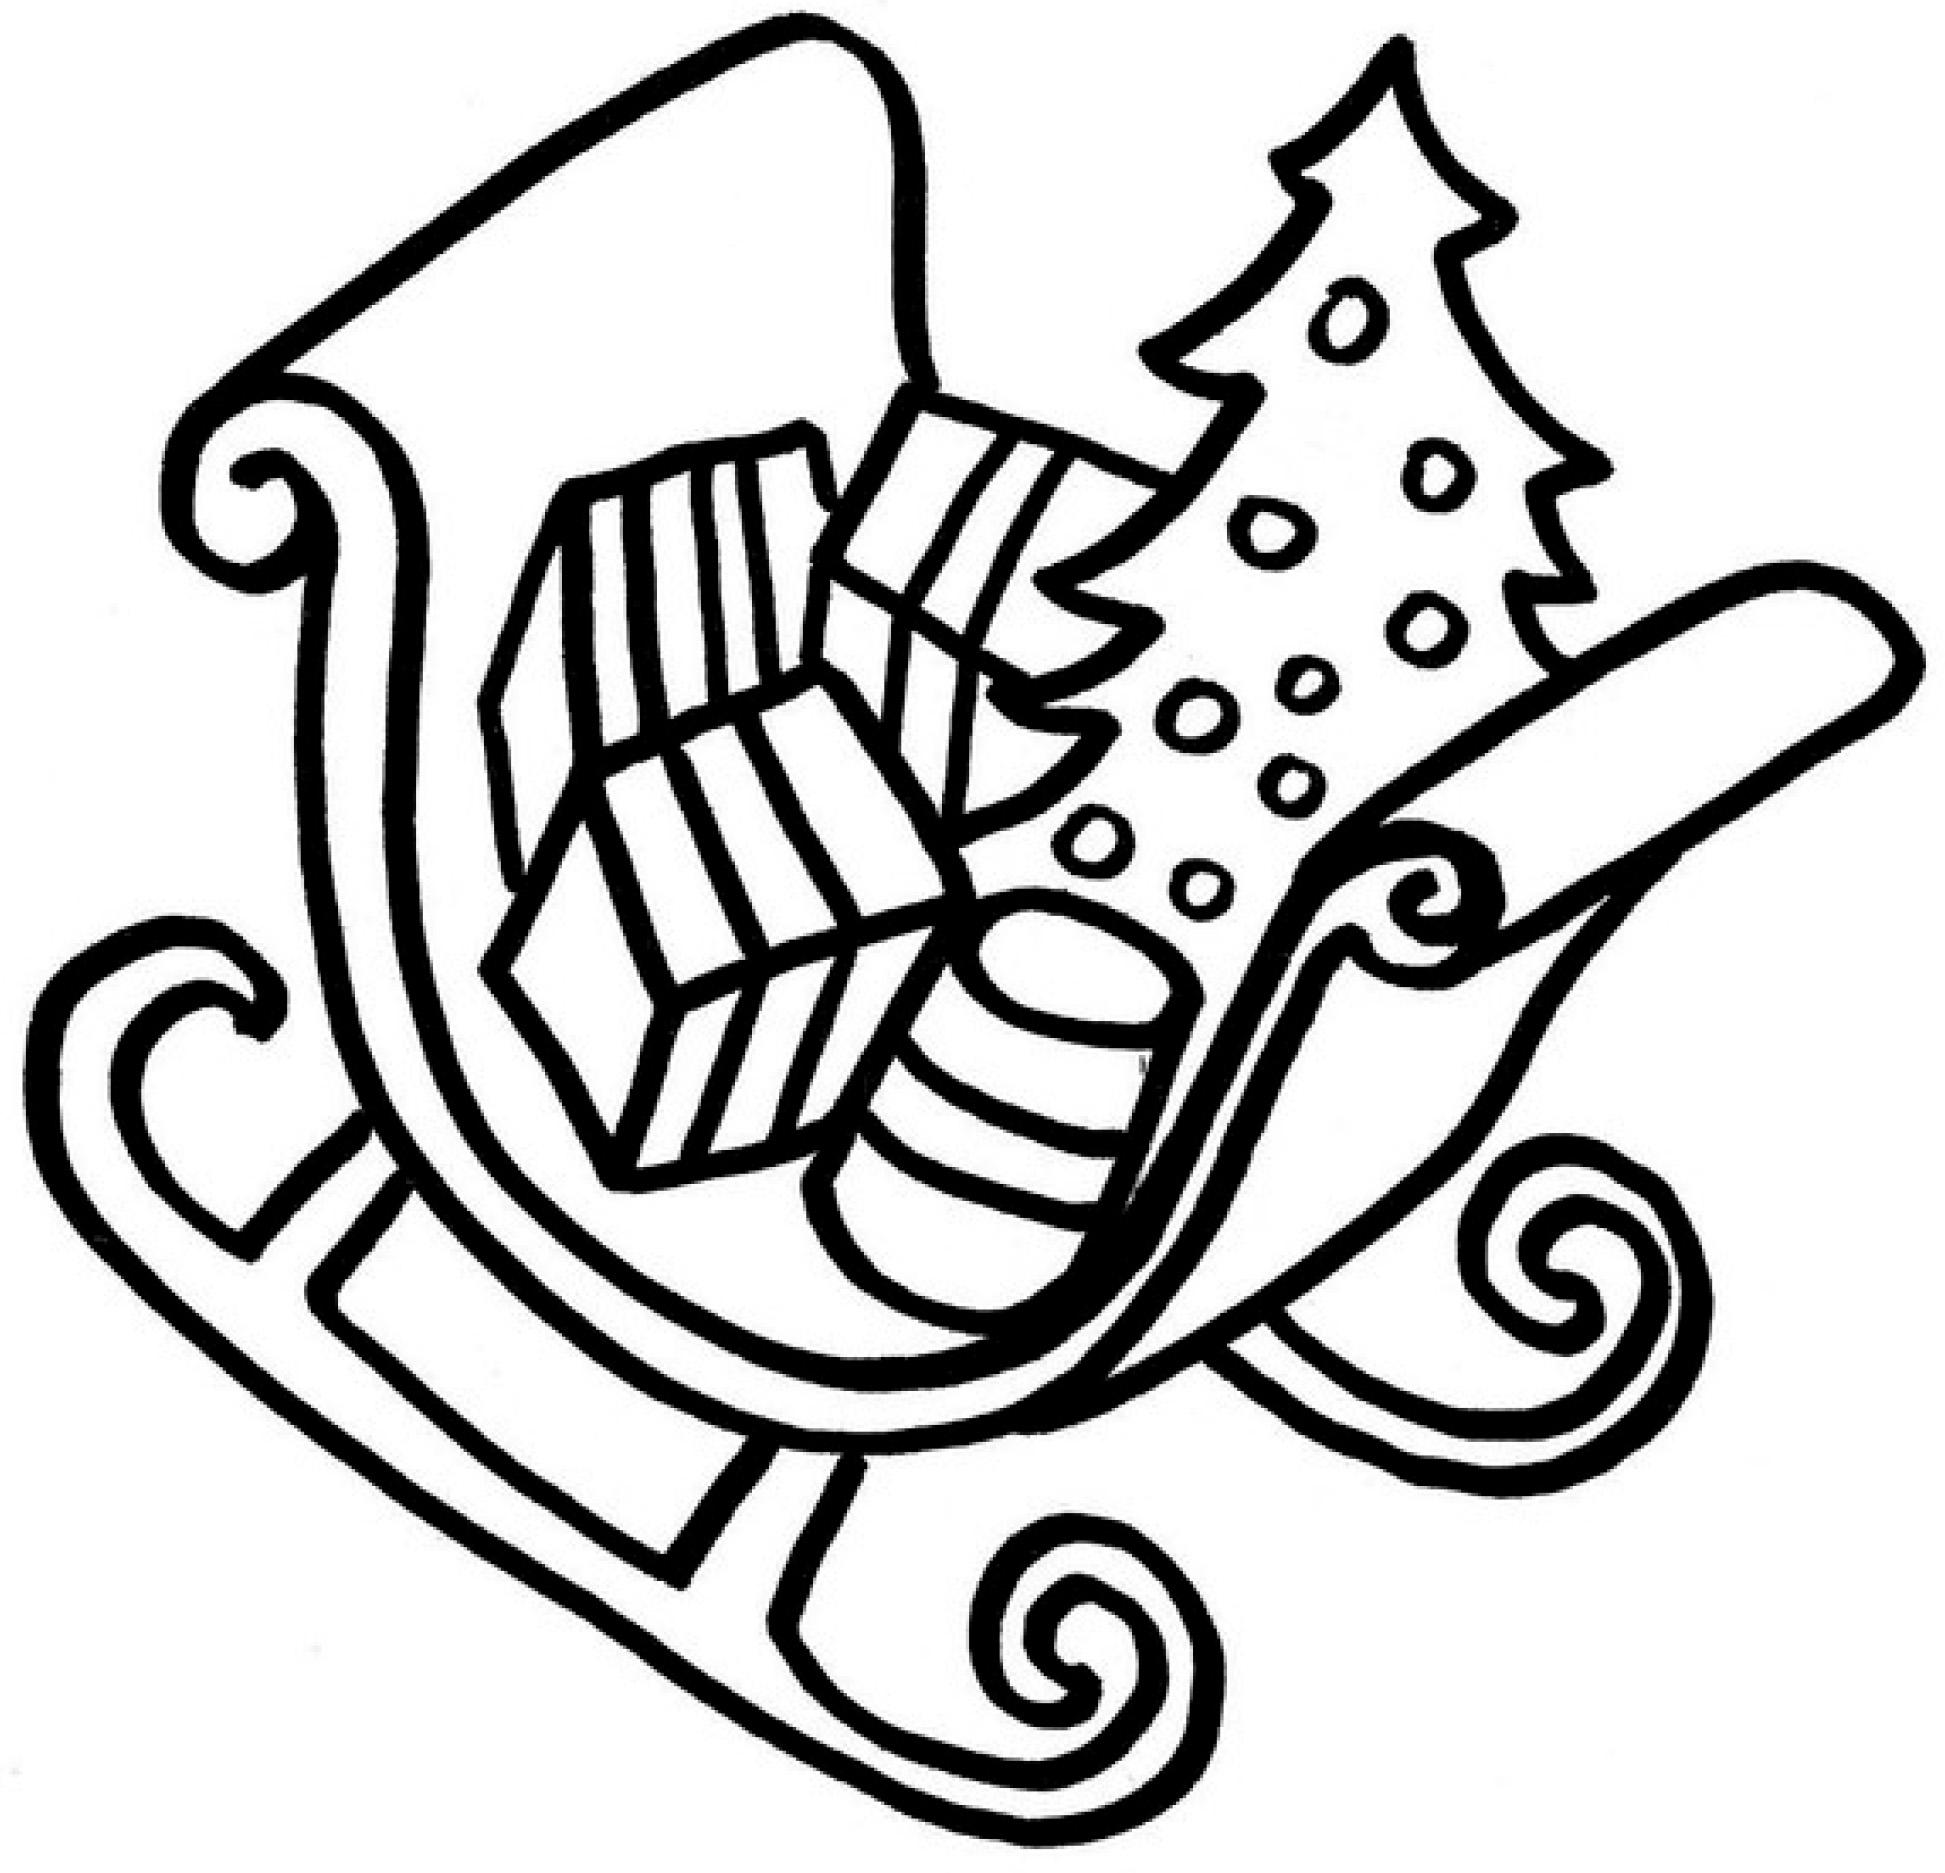 Malvorlagen Weihnachten - kostenlose Ausmalbilder myToys